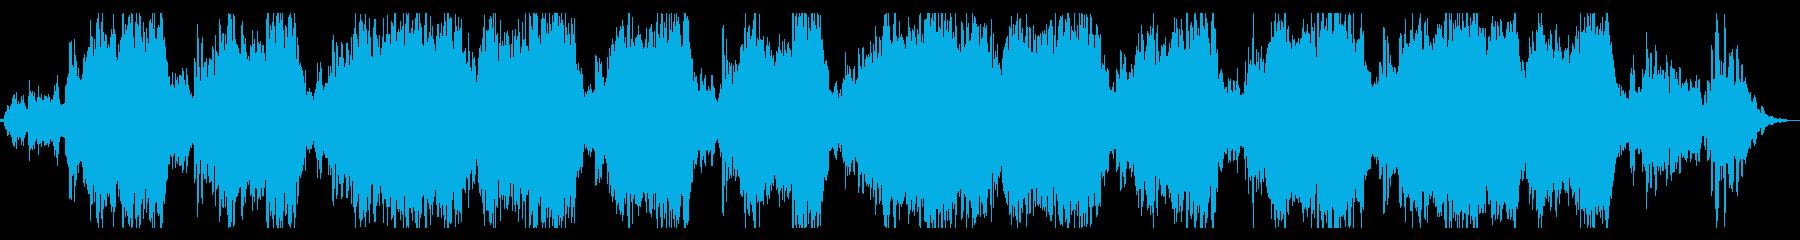 ミステリアスなシネマチックBGMの再生済みの波形